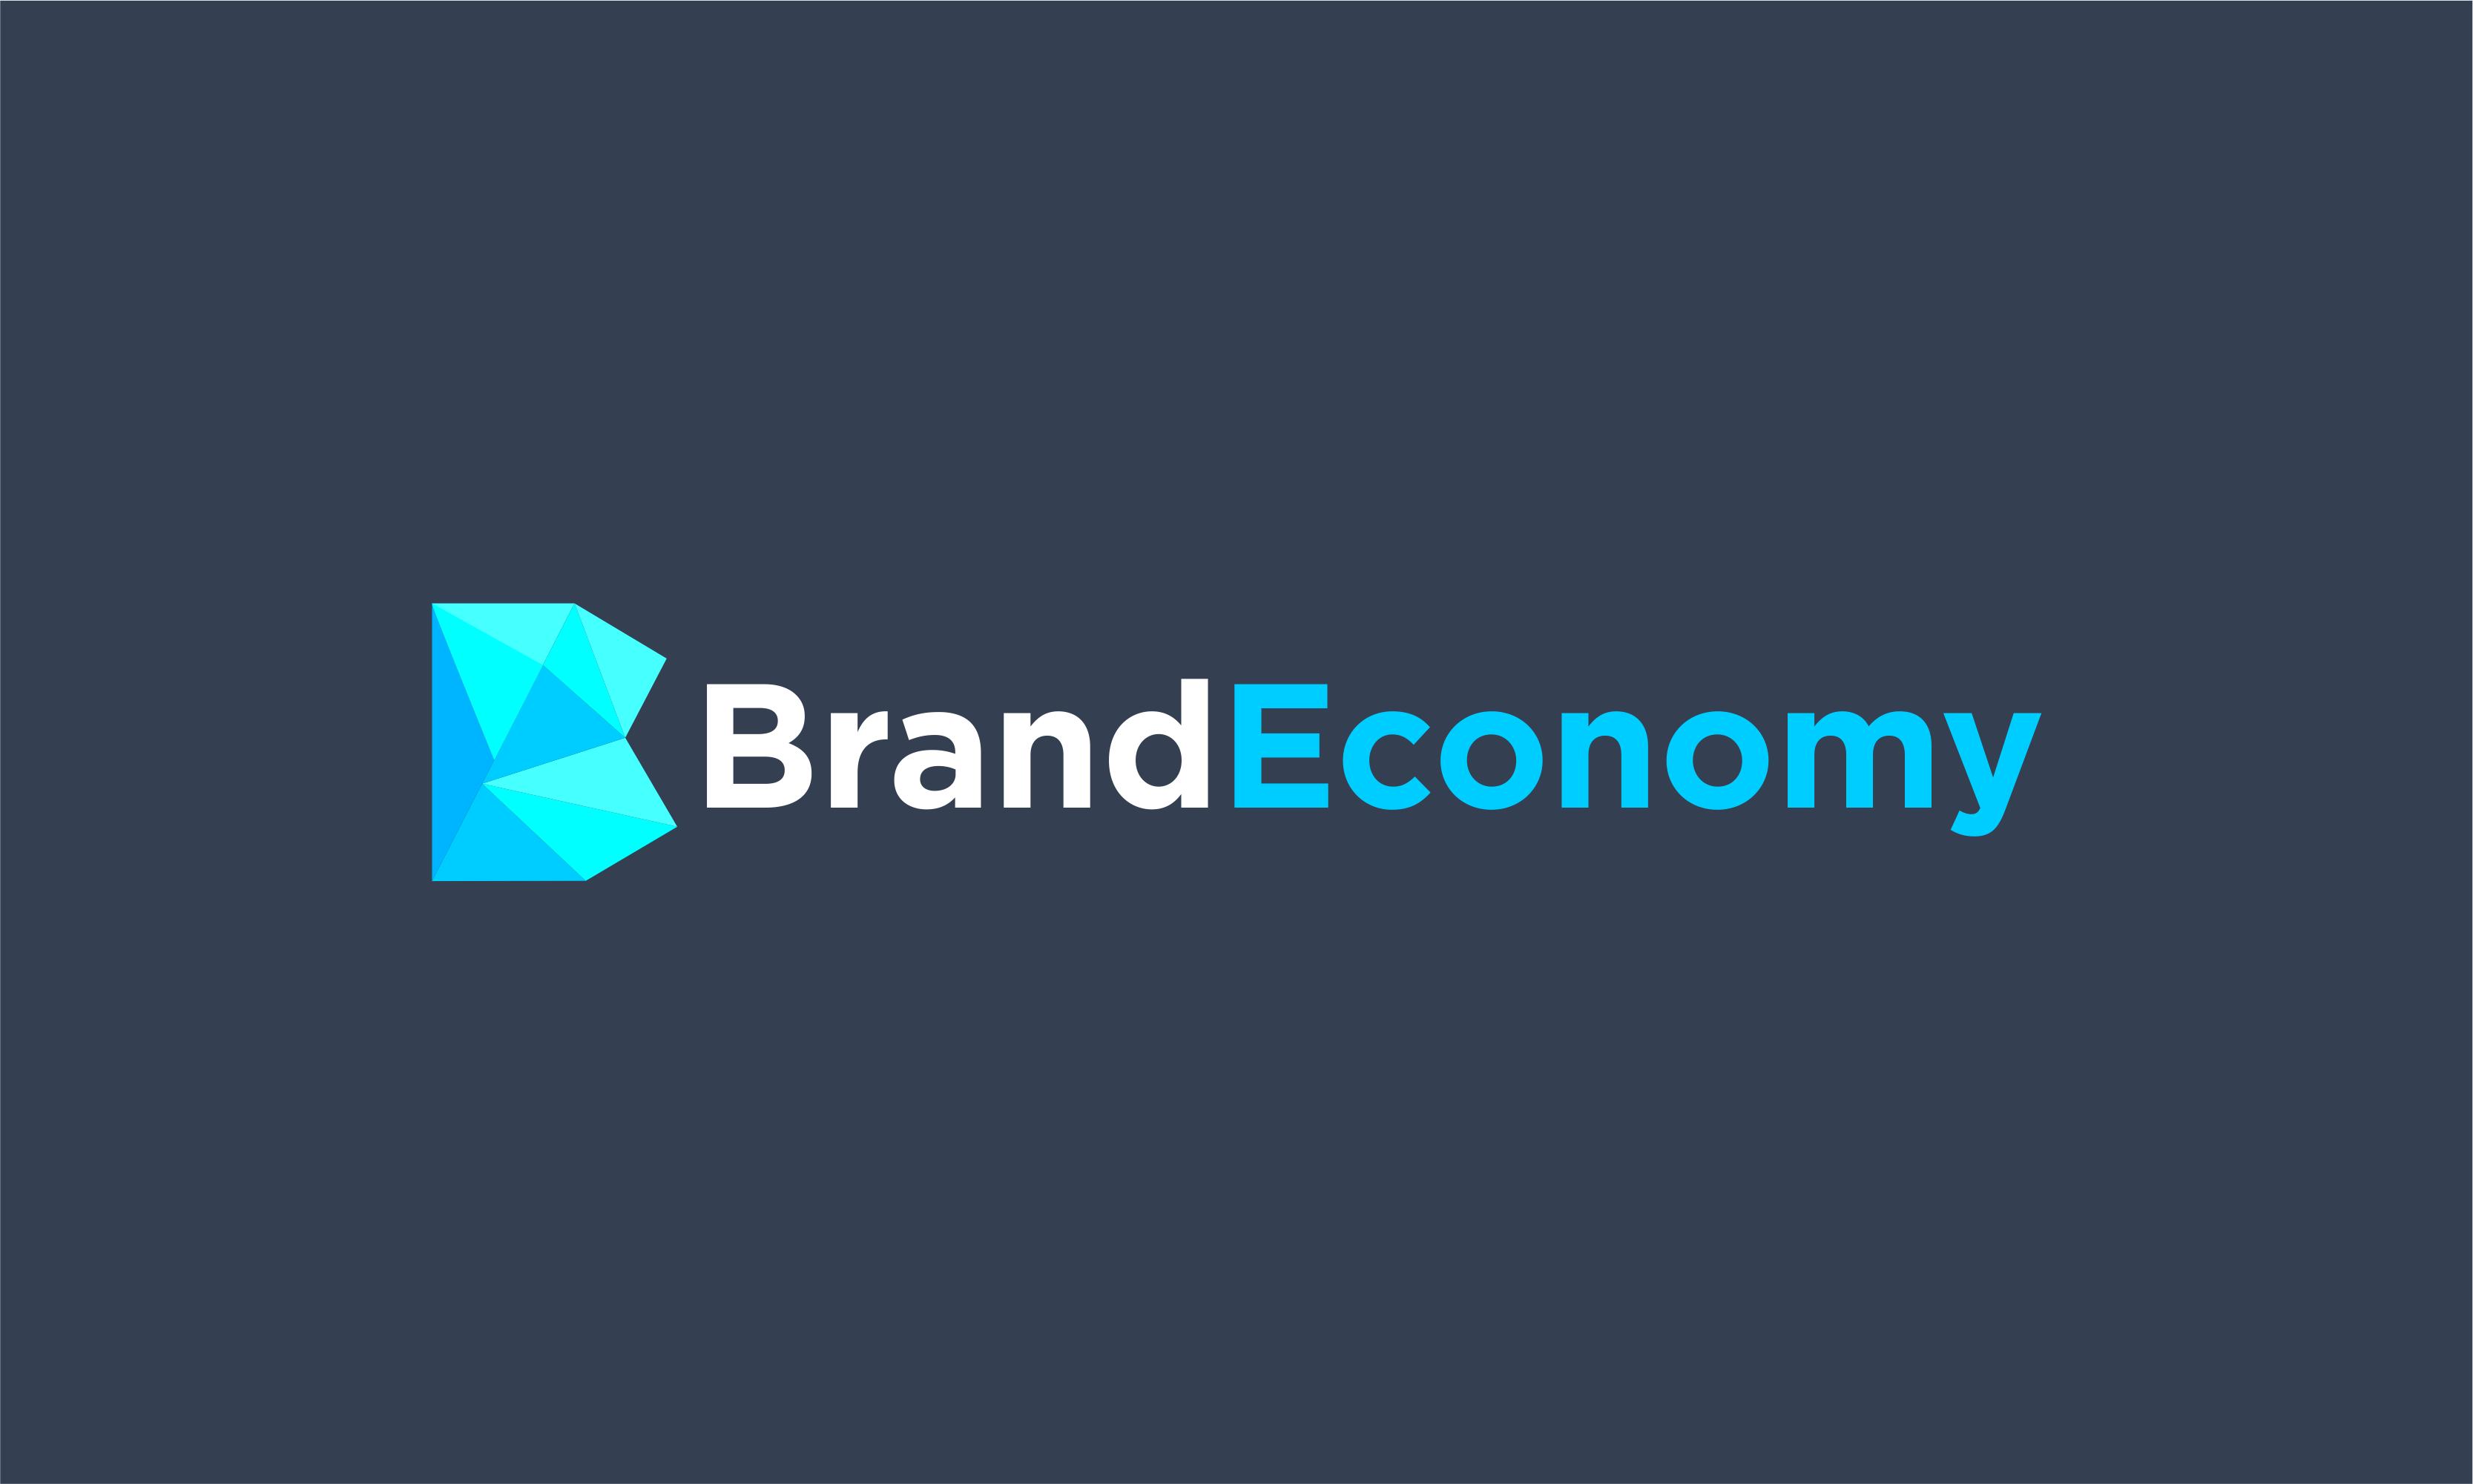 Brandeconomy